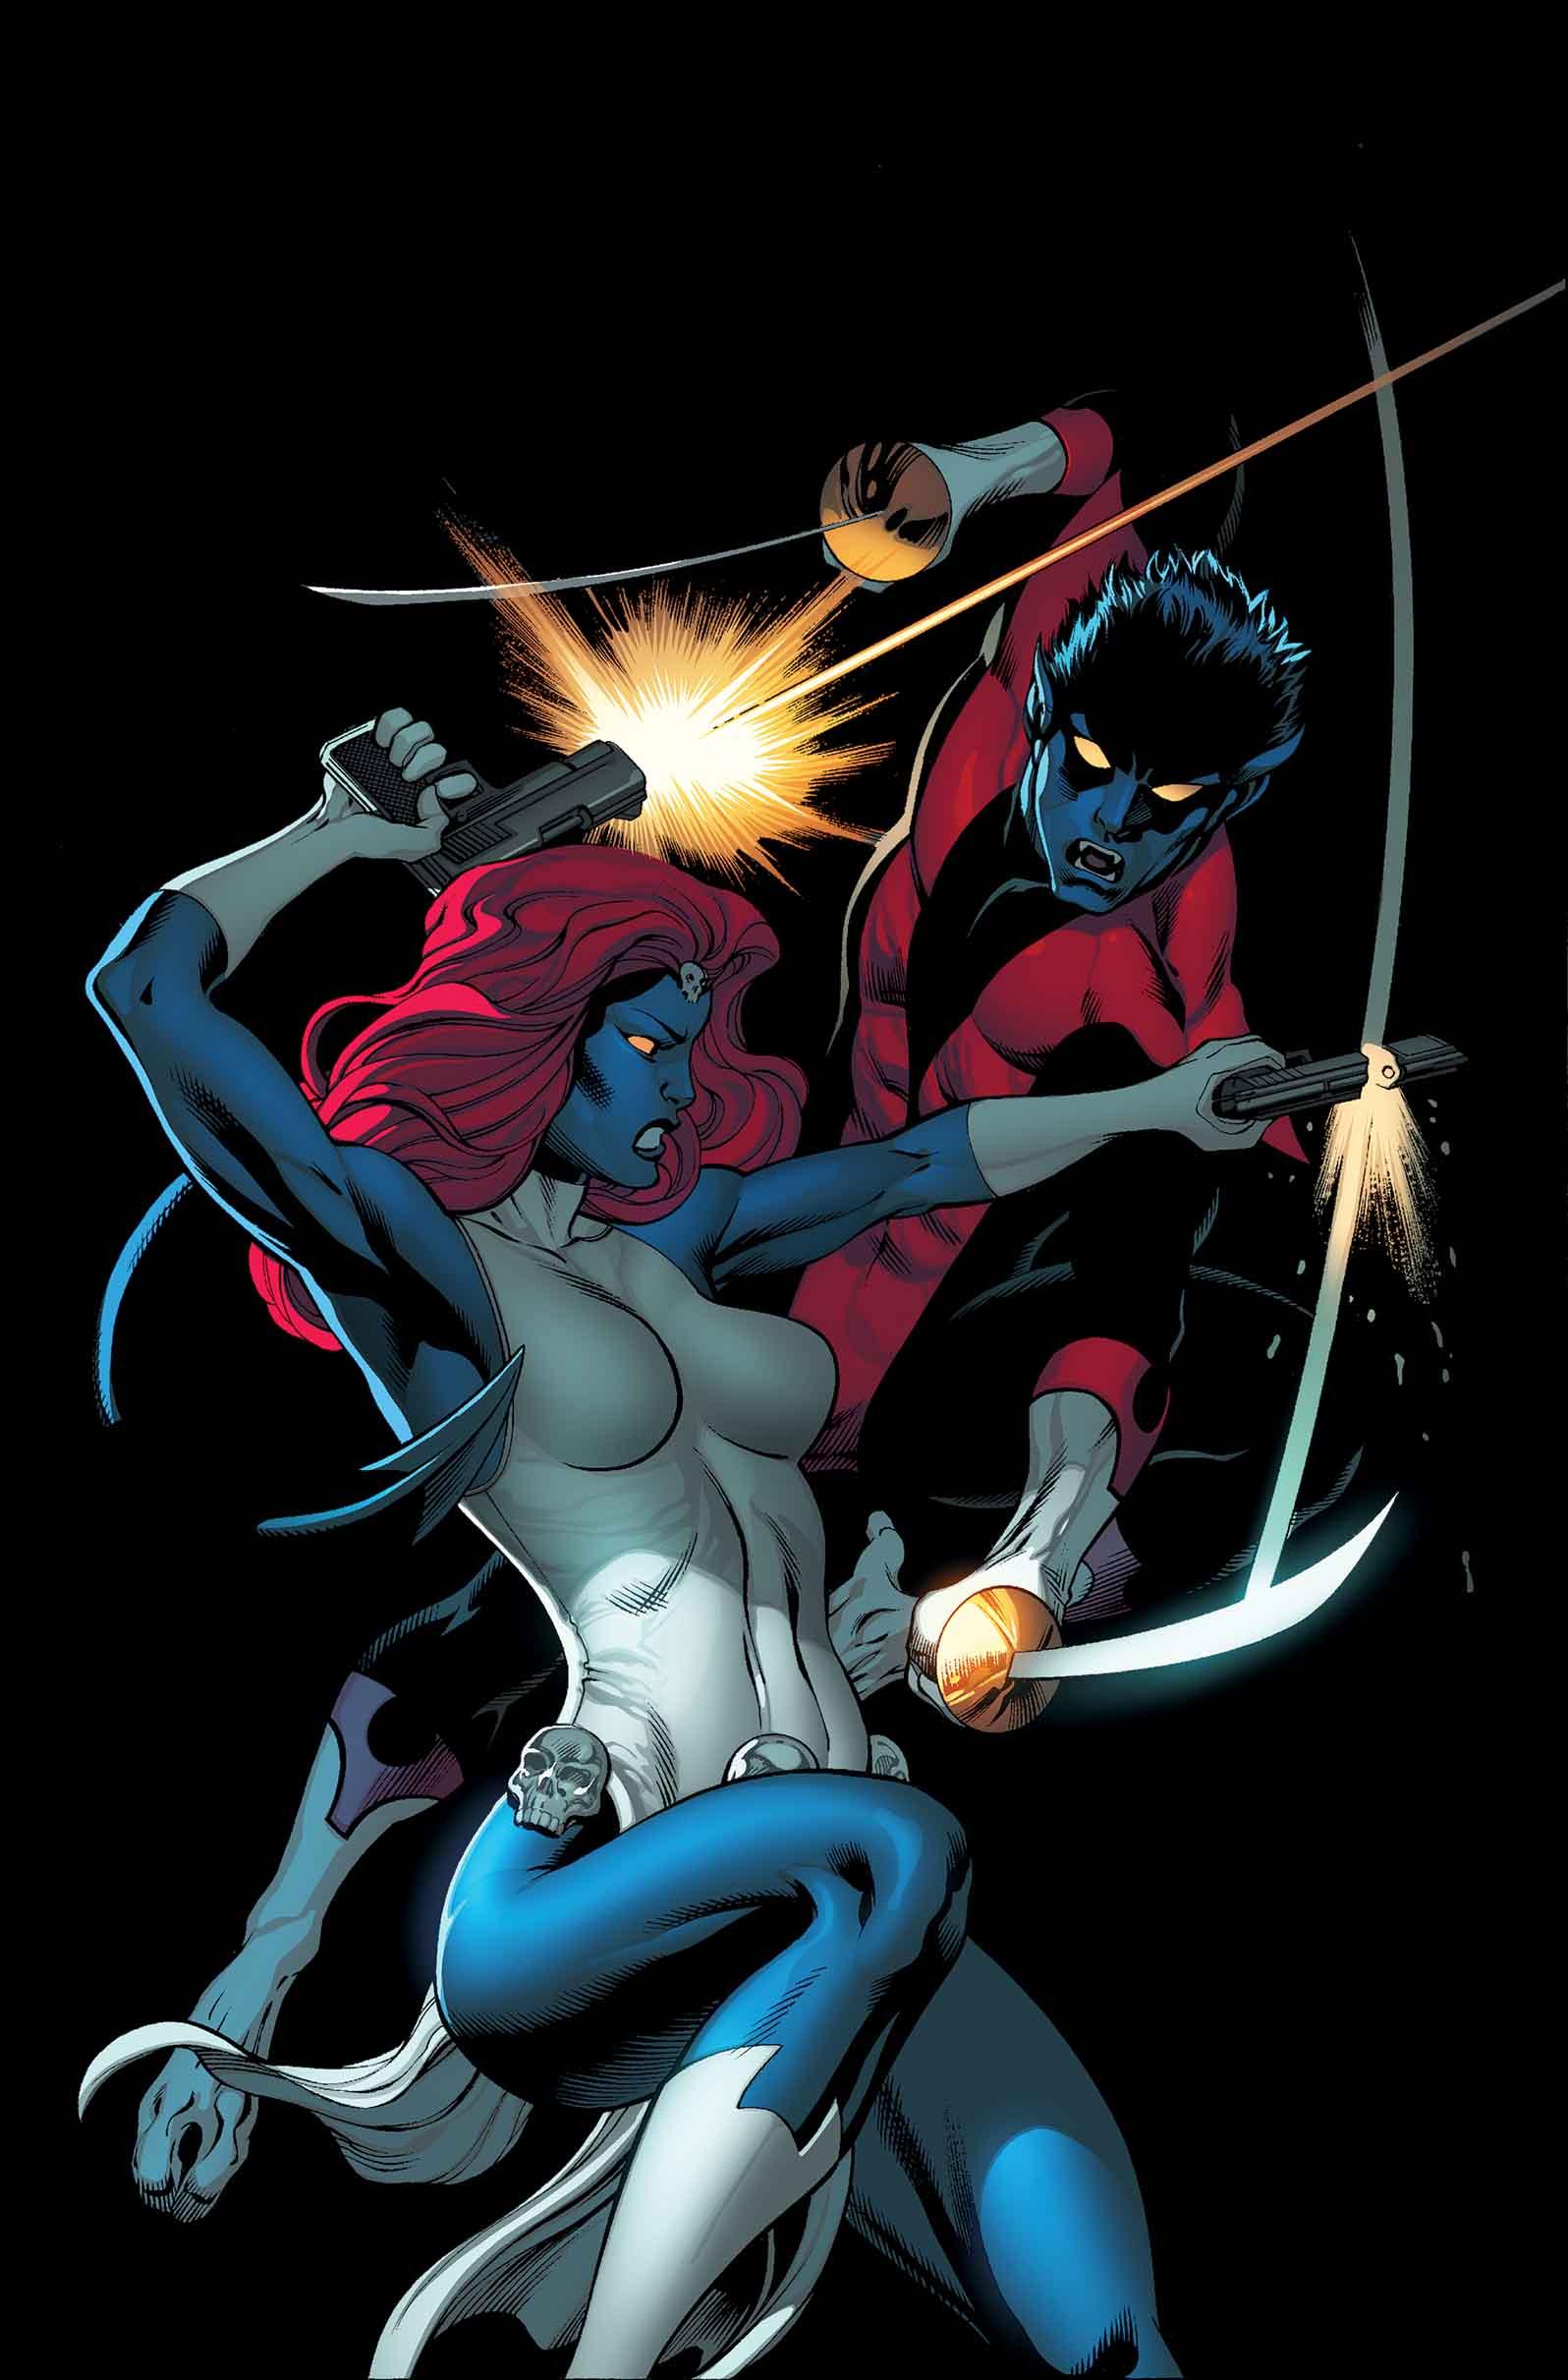 Son vs Mother in Amazing X-Men #6 | ComicsRefueled